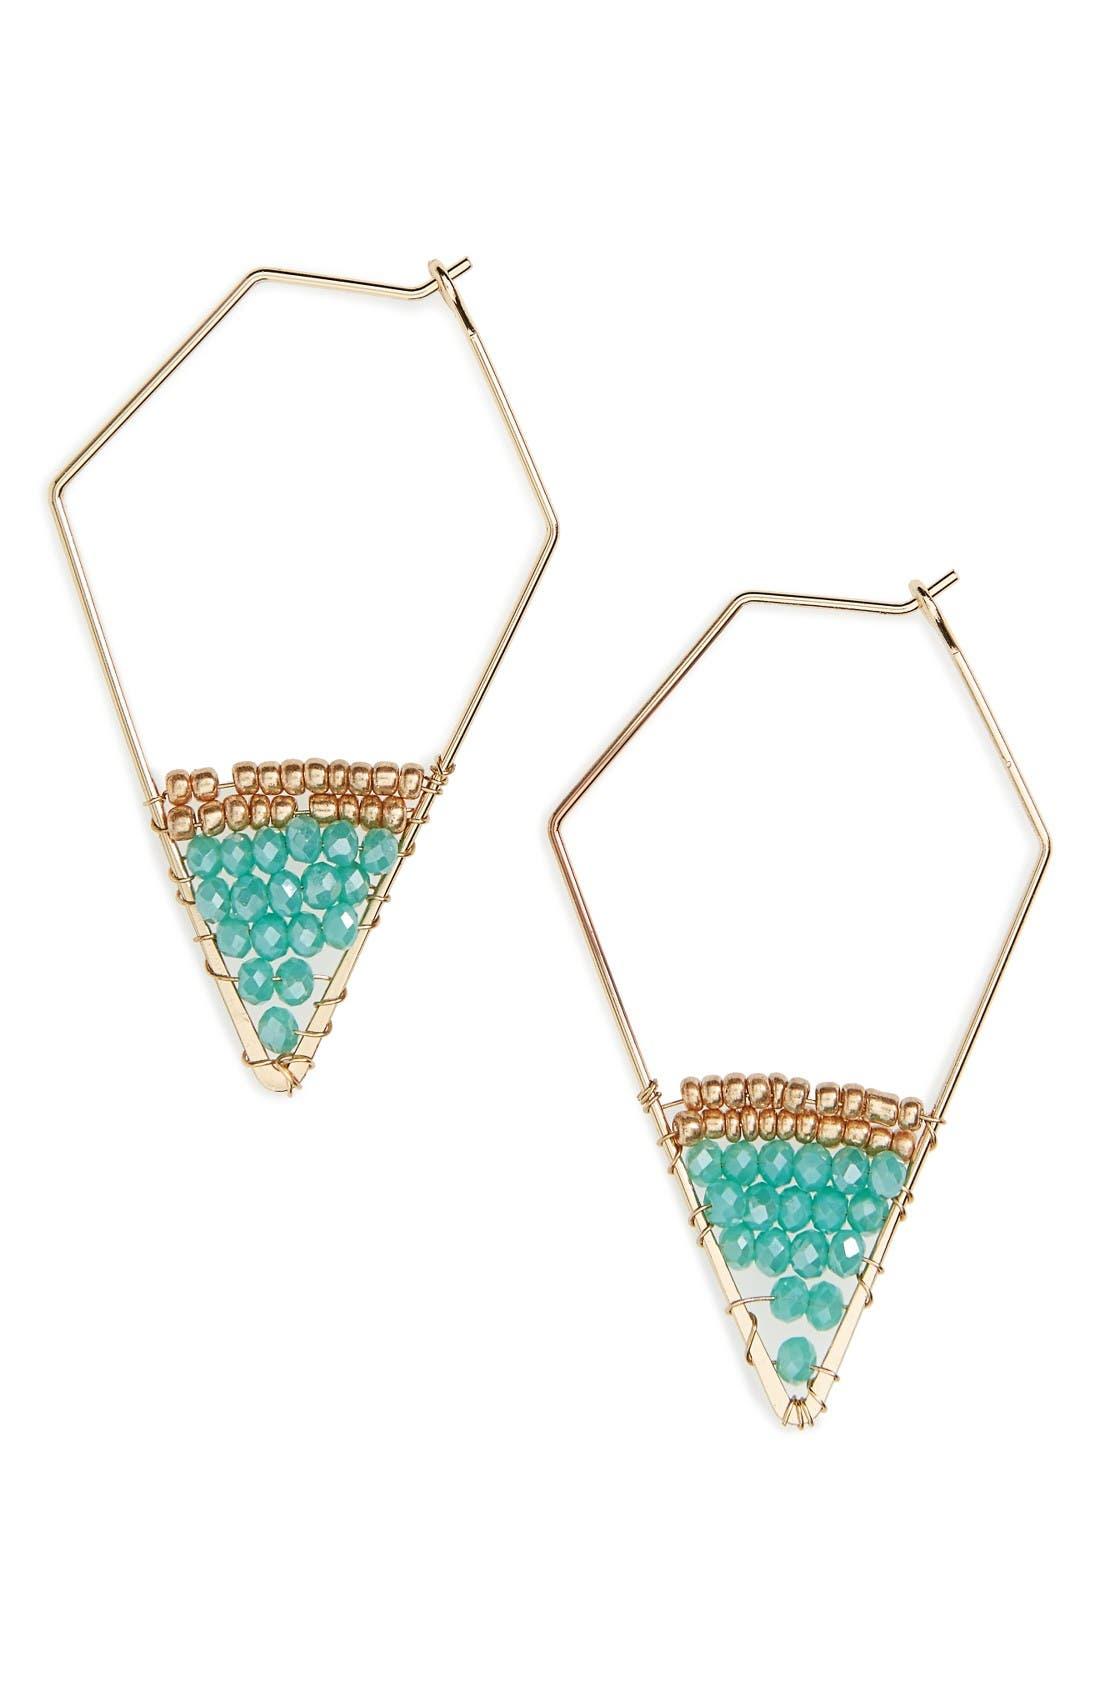 Panacea Boxed Crystal Hoop Earrings